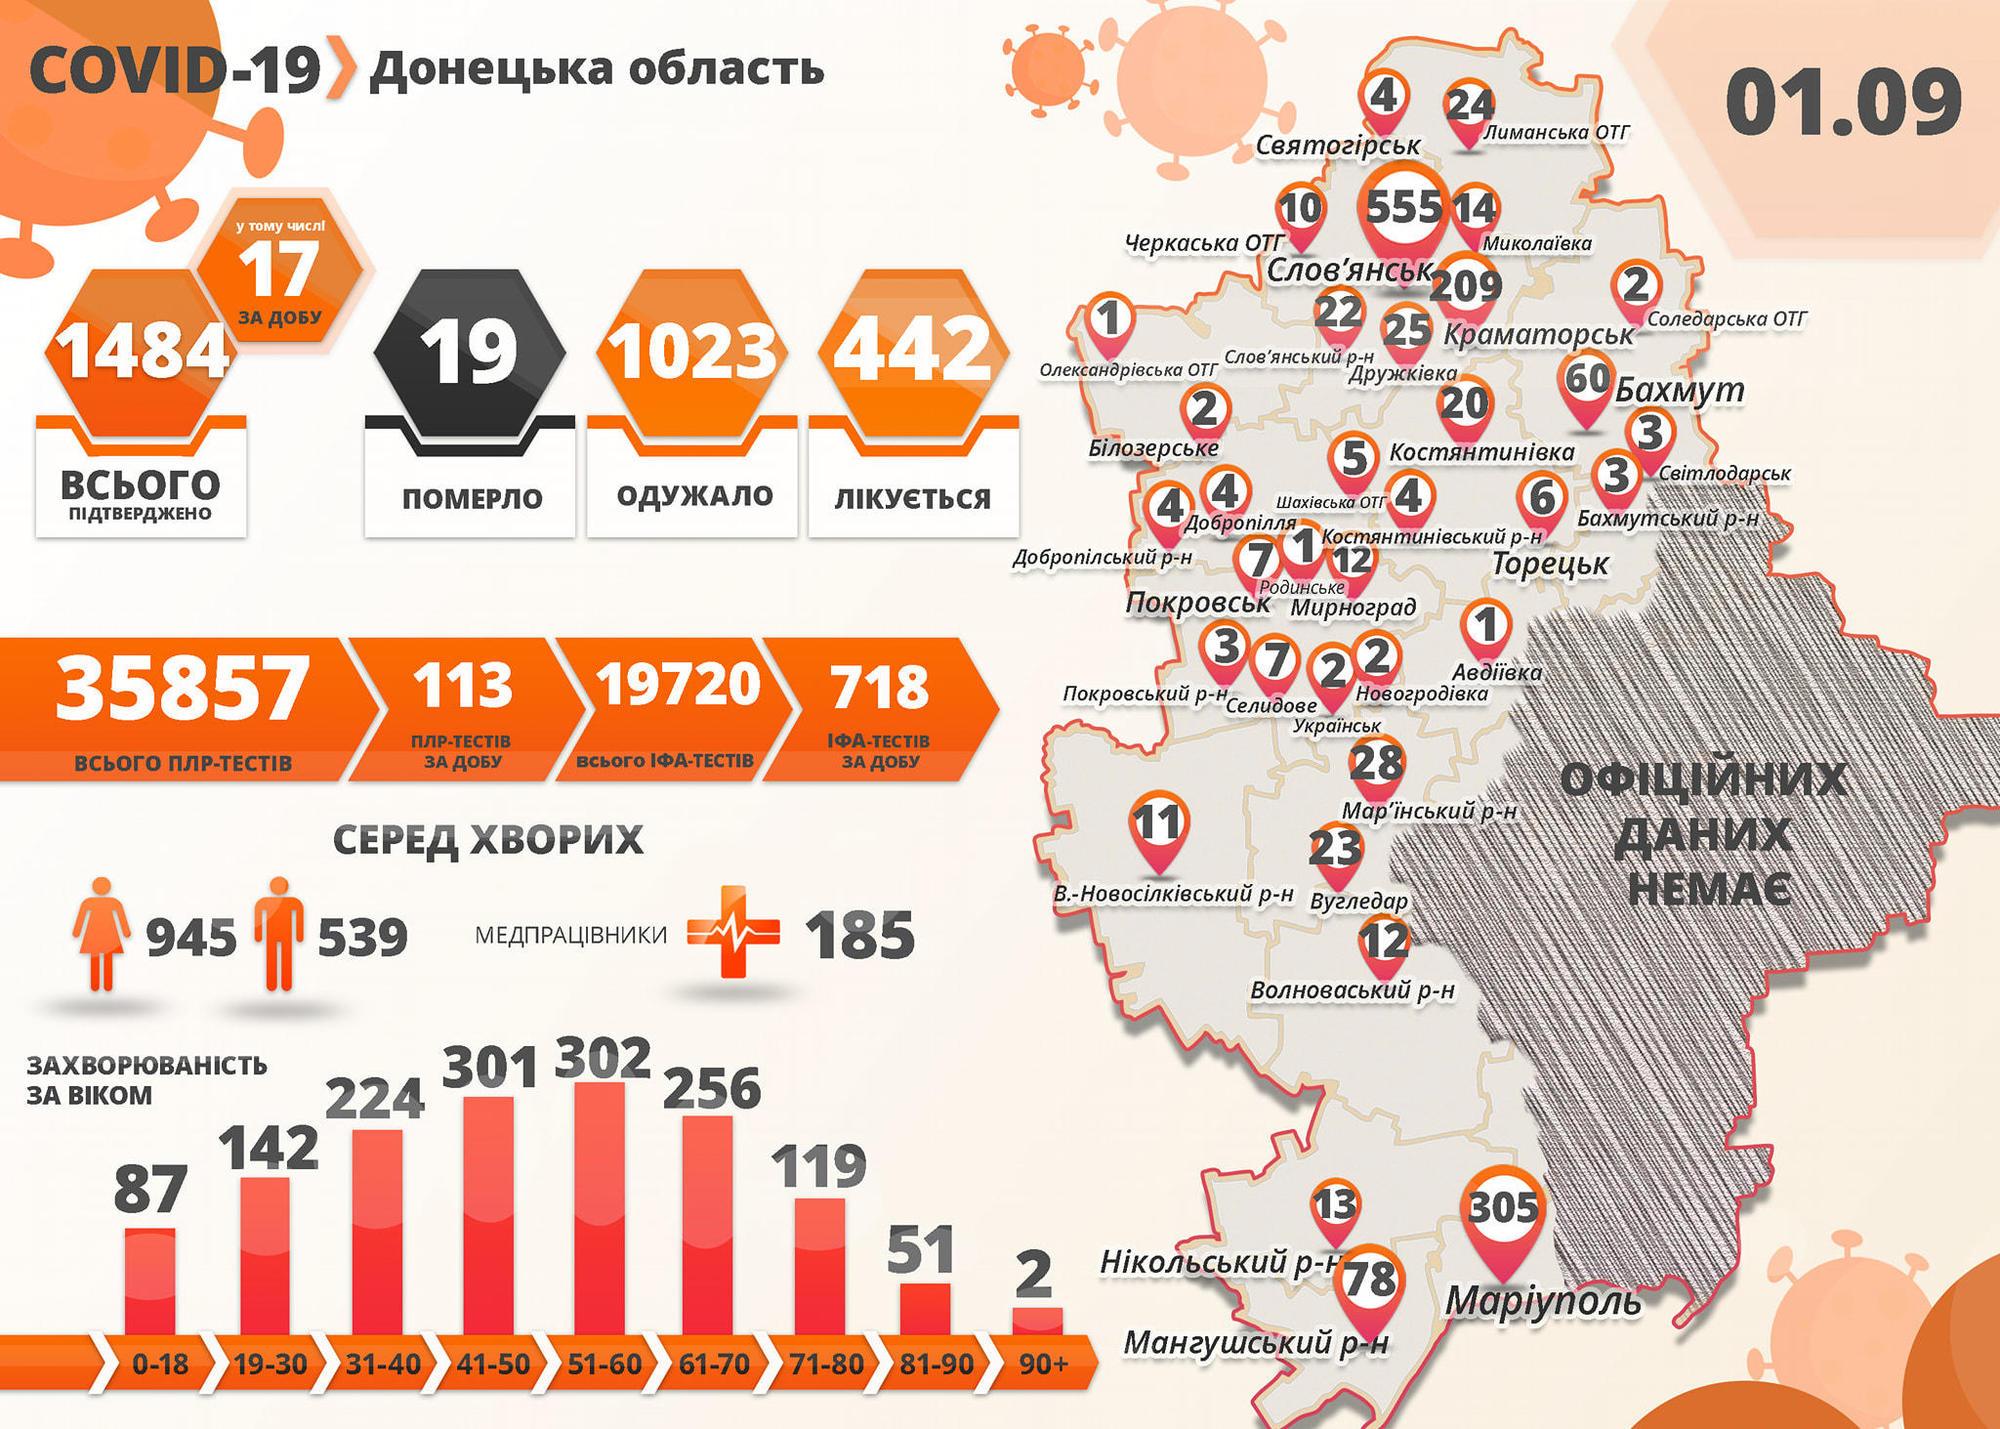 инфографика ДонОГА эпидситуация по области на 2 сентября